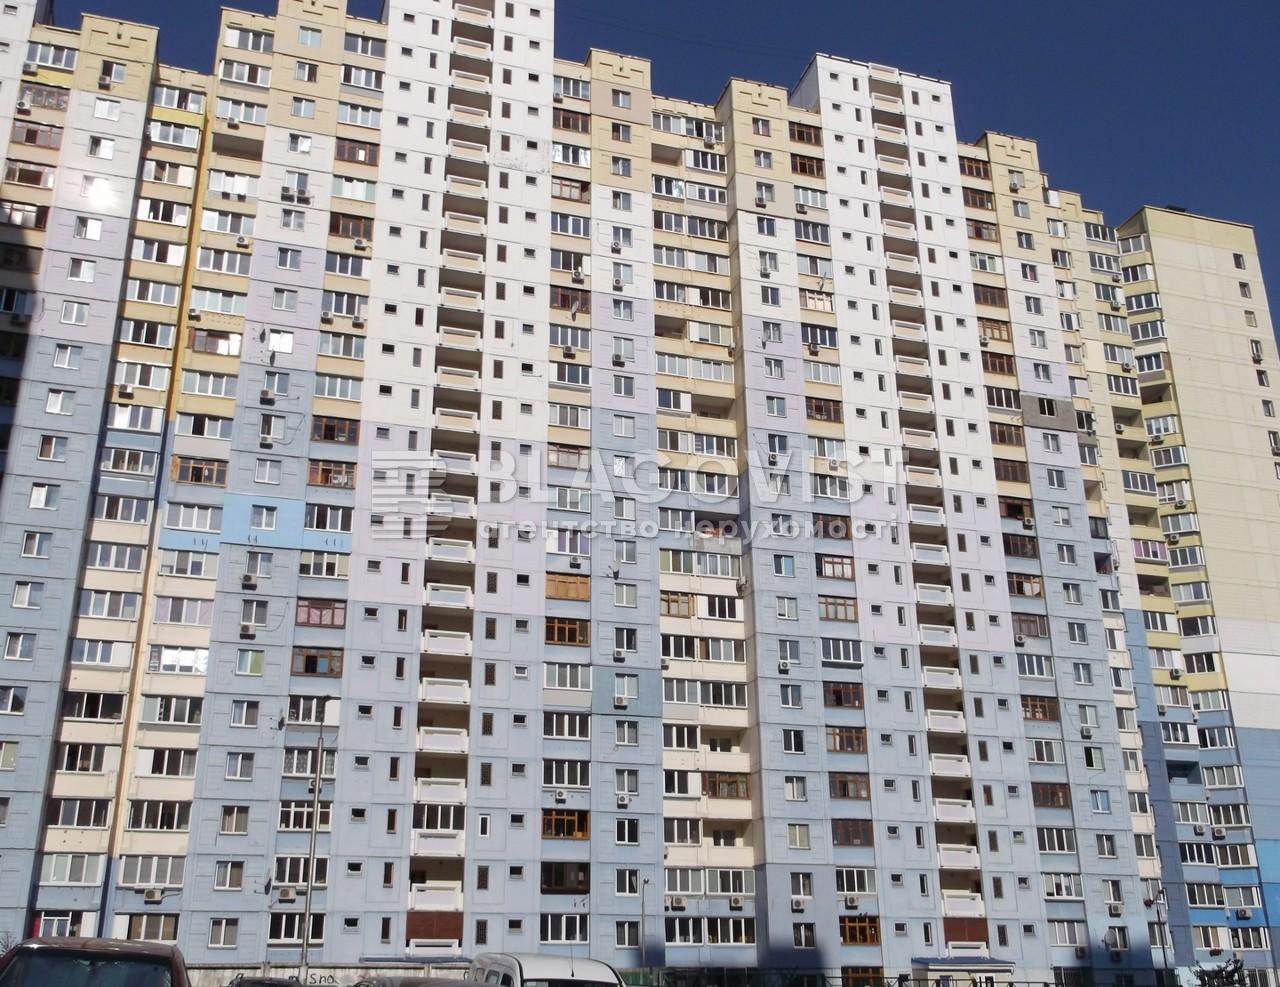 3 кімн., 17/22 пан, 96/52.7/11.3, х-окр, аппс-люкс, Світла квартира з повноцінним євроремонтом, на підлозі - ламінат, просторий  ...